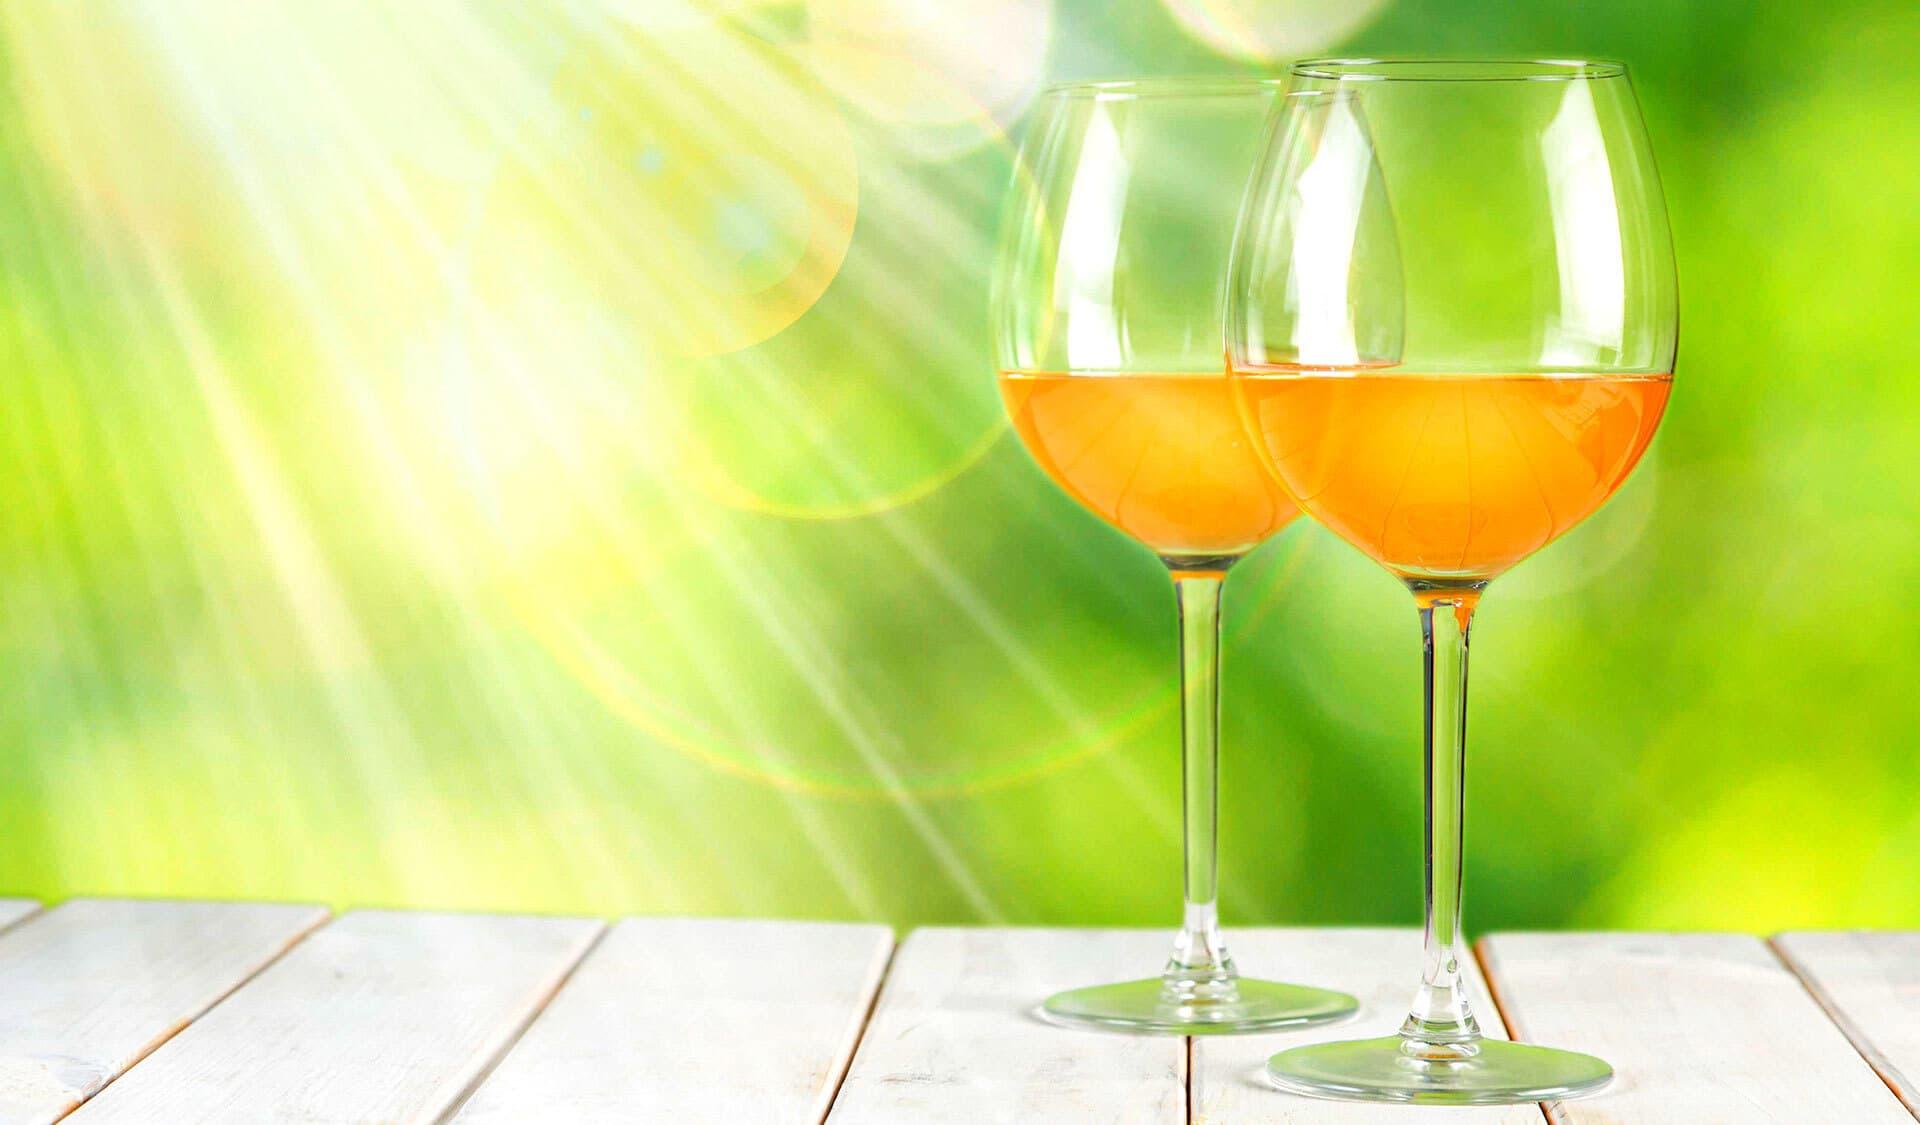 Zwei Gläser mit Naturwein